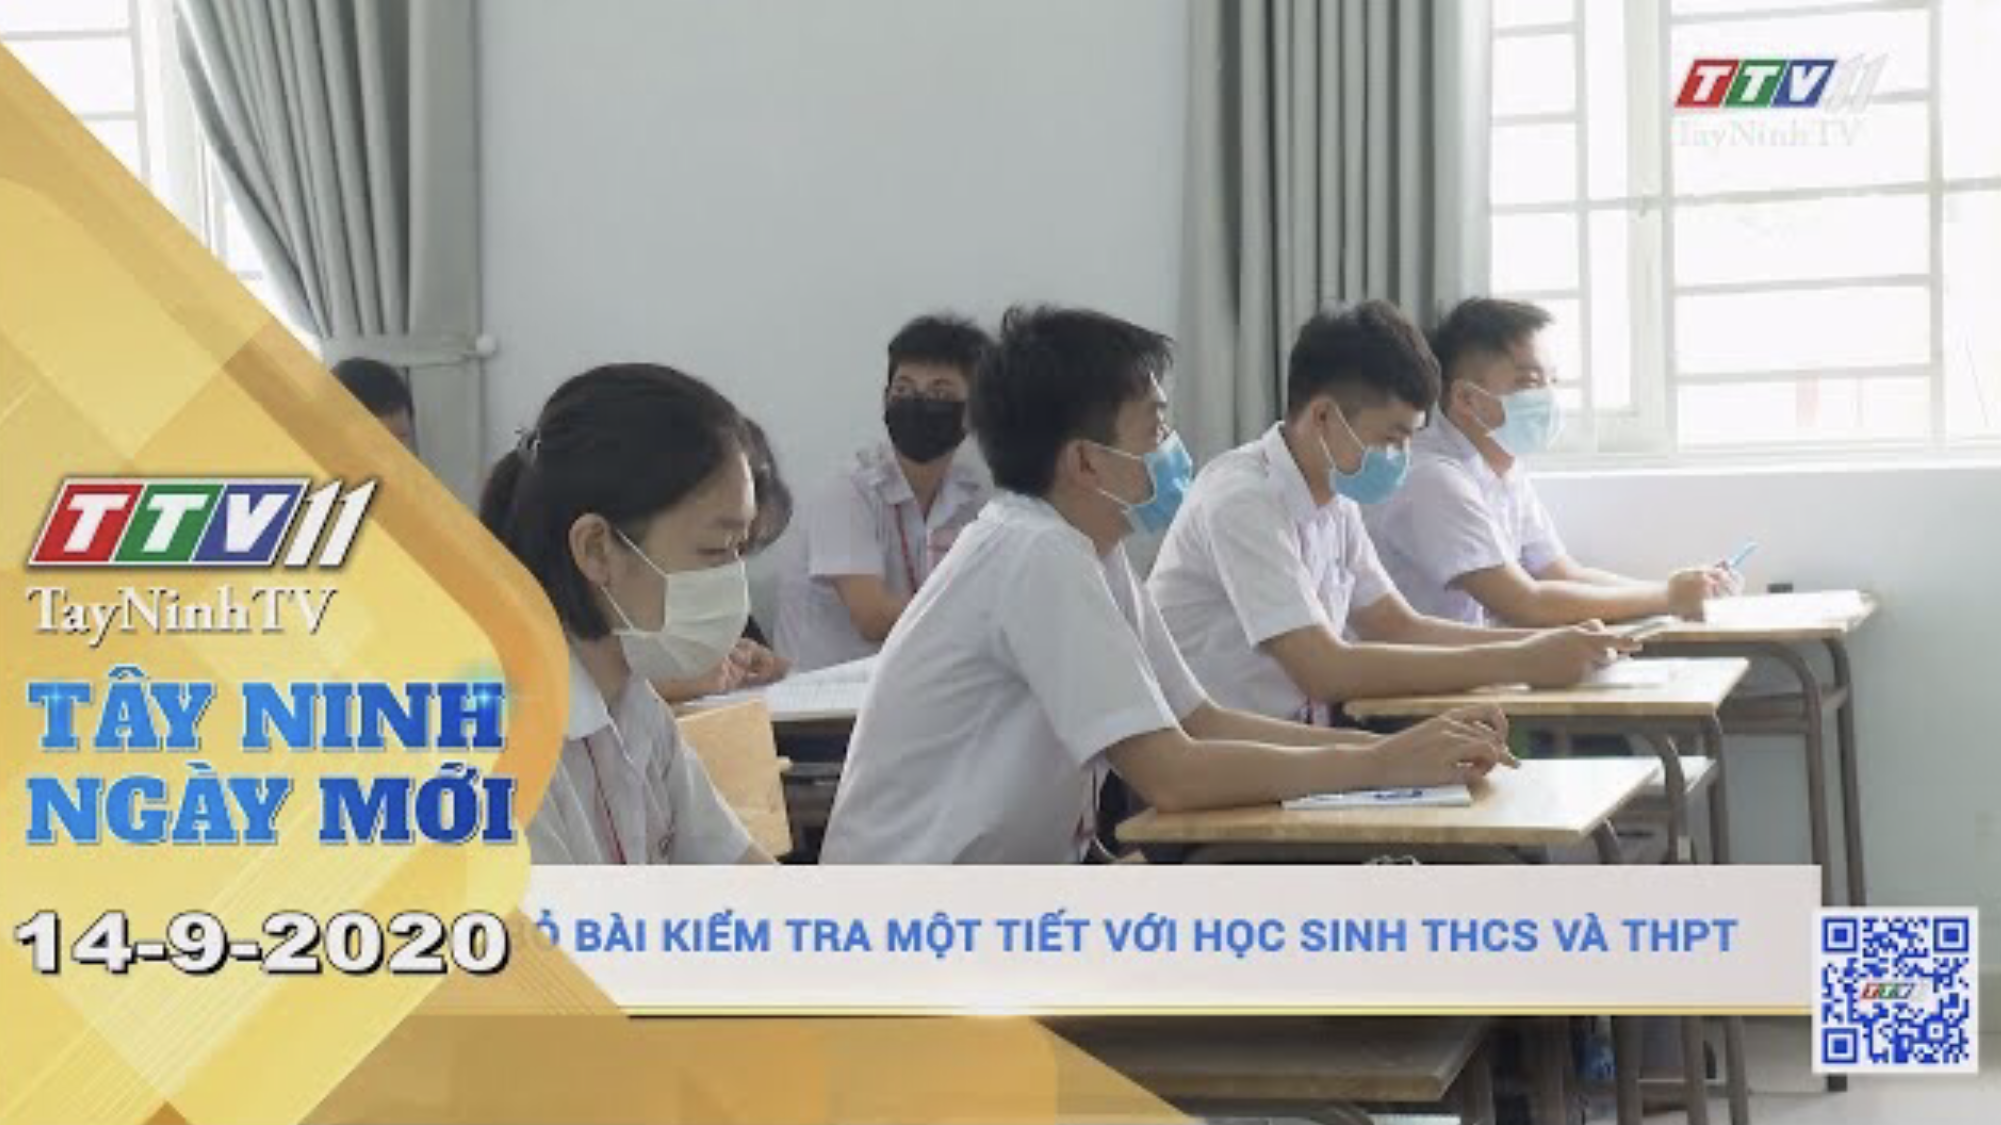 Tây Ninh Ngày Mới 14-9-2020 | Tin tức hôm nay | TayNinhTV